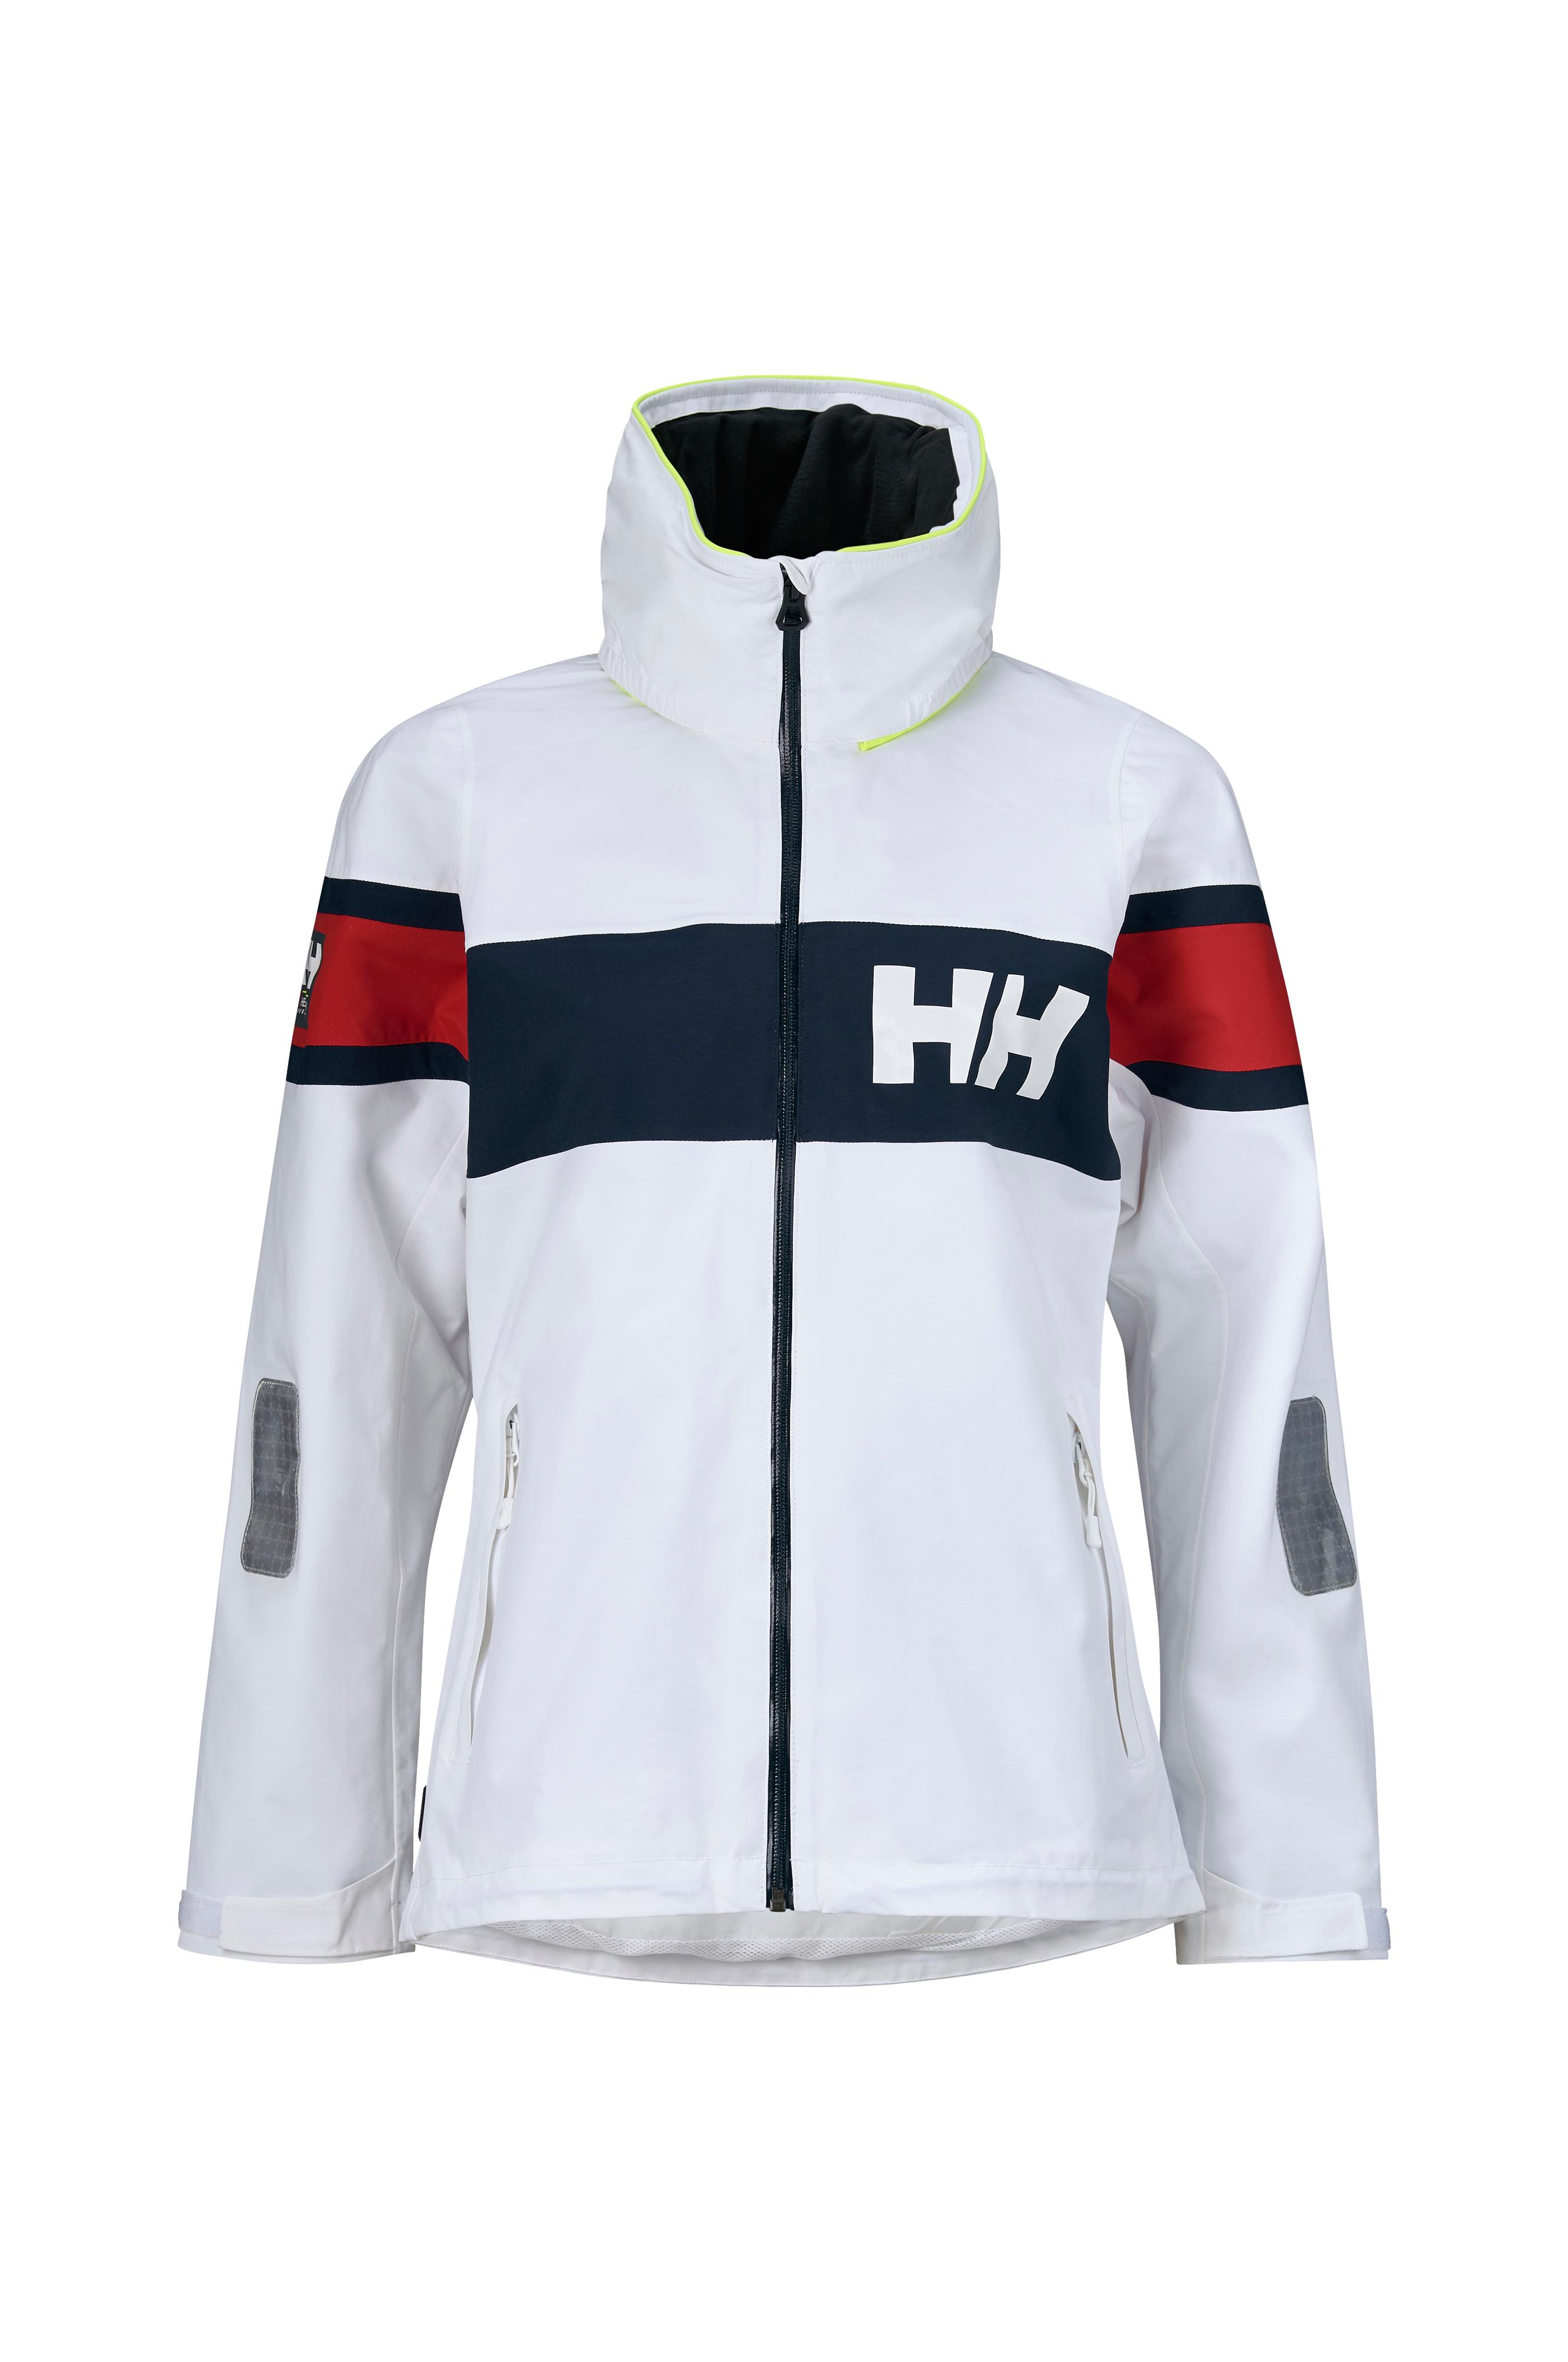 cc59deb03 Helly Hansen Jakke W Salt Flag Jacket - Hvid - Dame - Ellos.dk